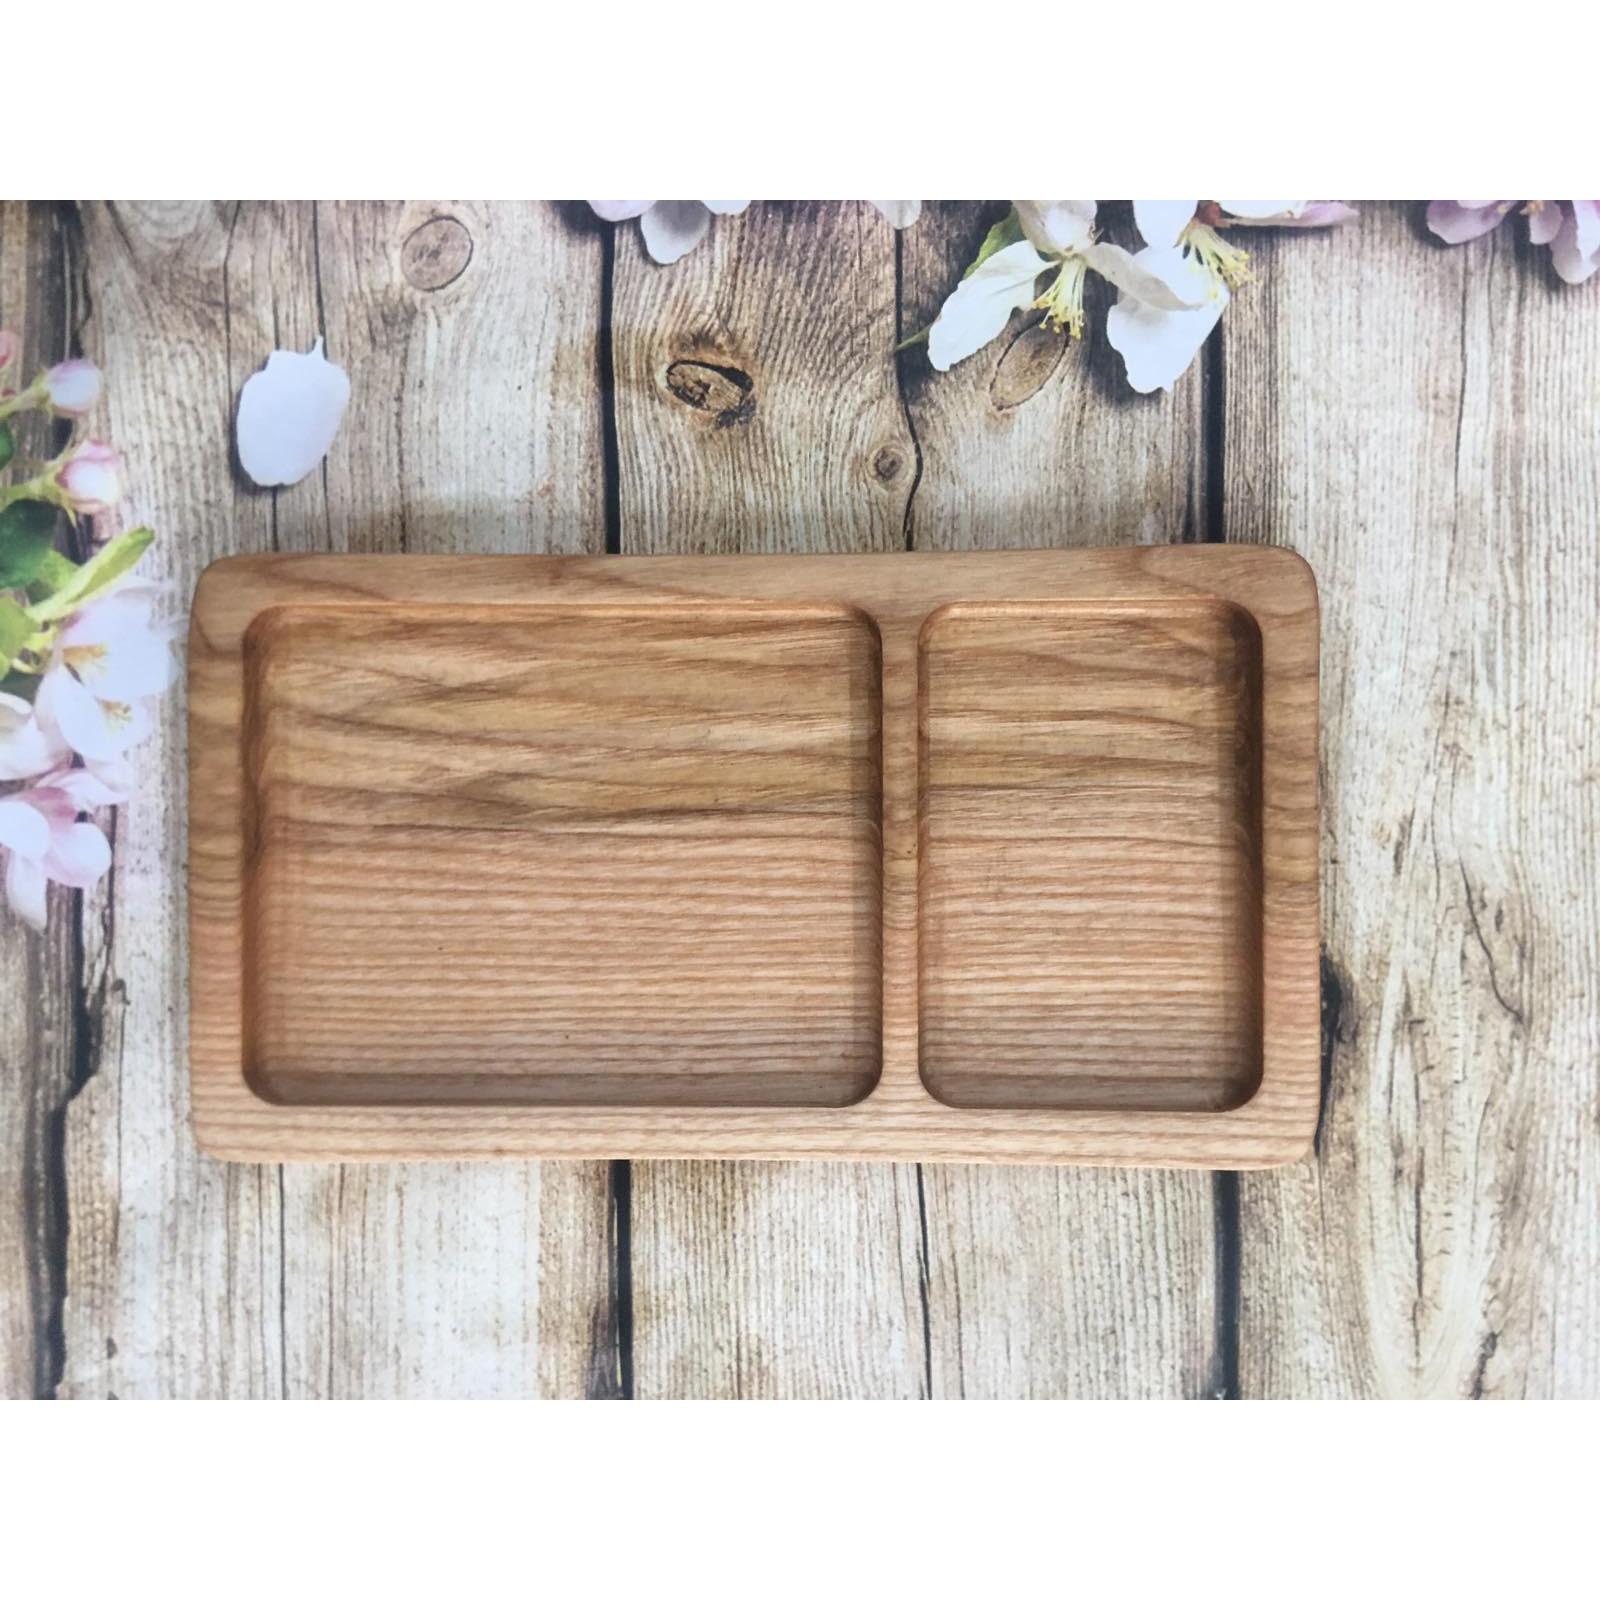 Khay gỗ decor, khay gỗ trang trí hình chữ nhật có 2 ngăn, khay đựng thực phẩm,